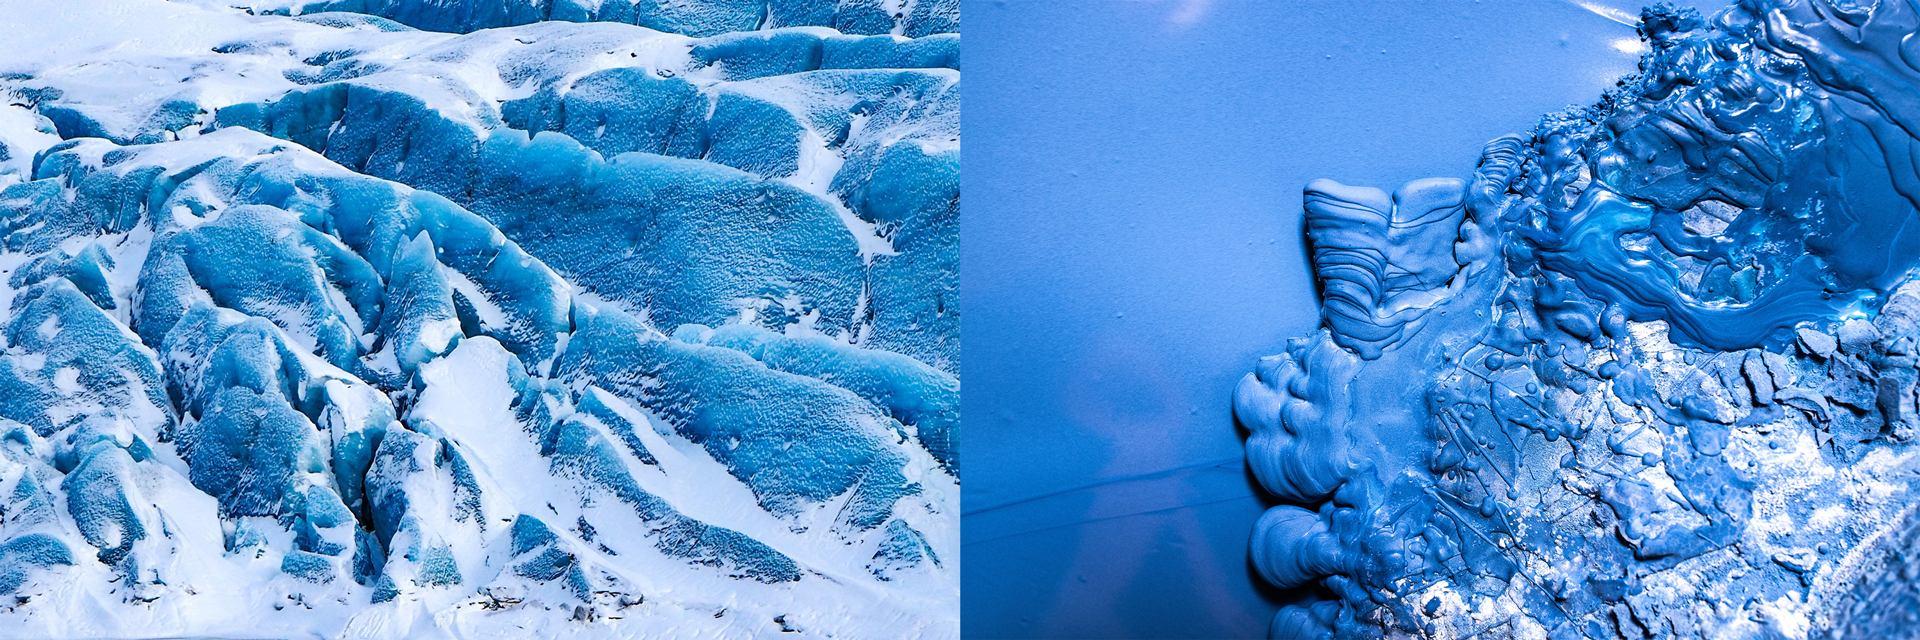 14 (glacier barbotine).jpg